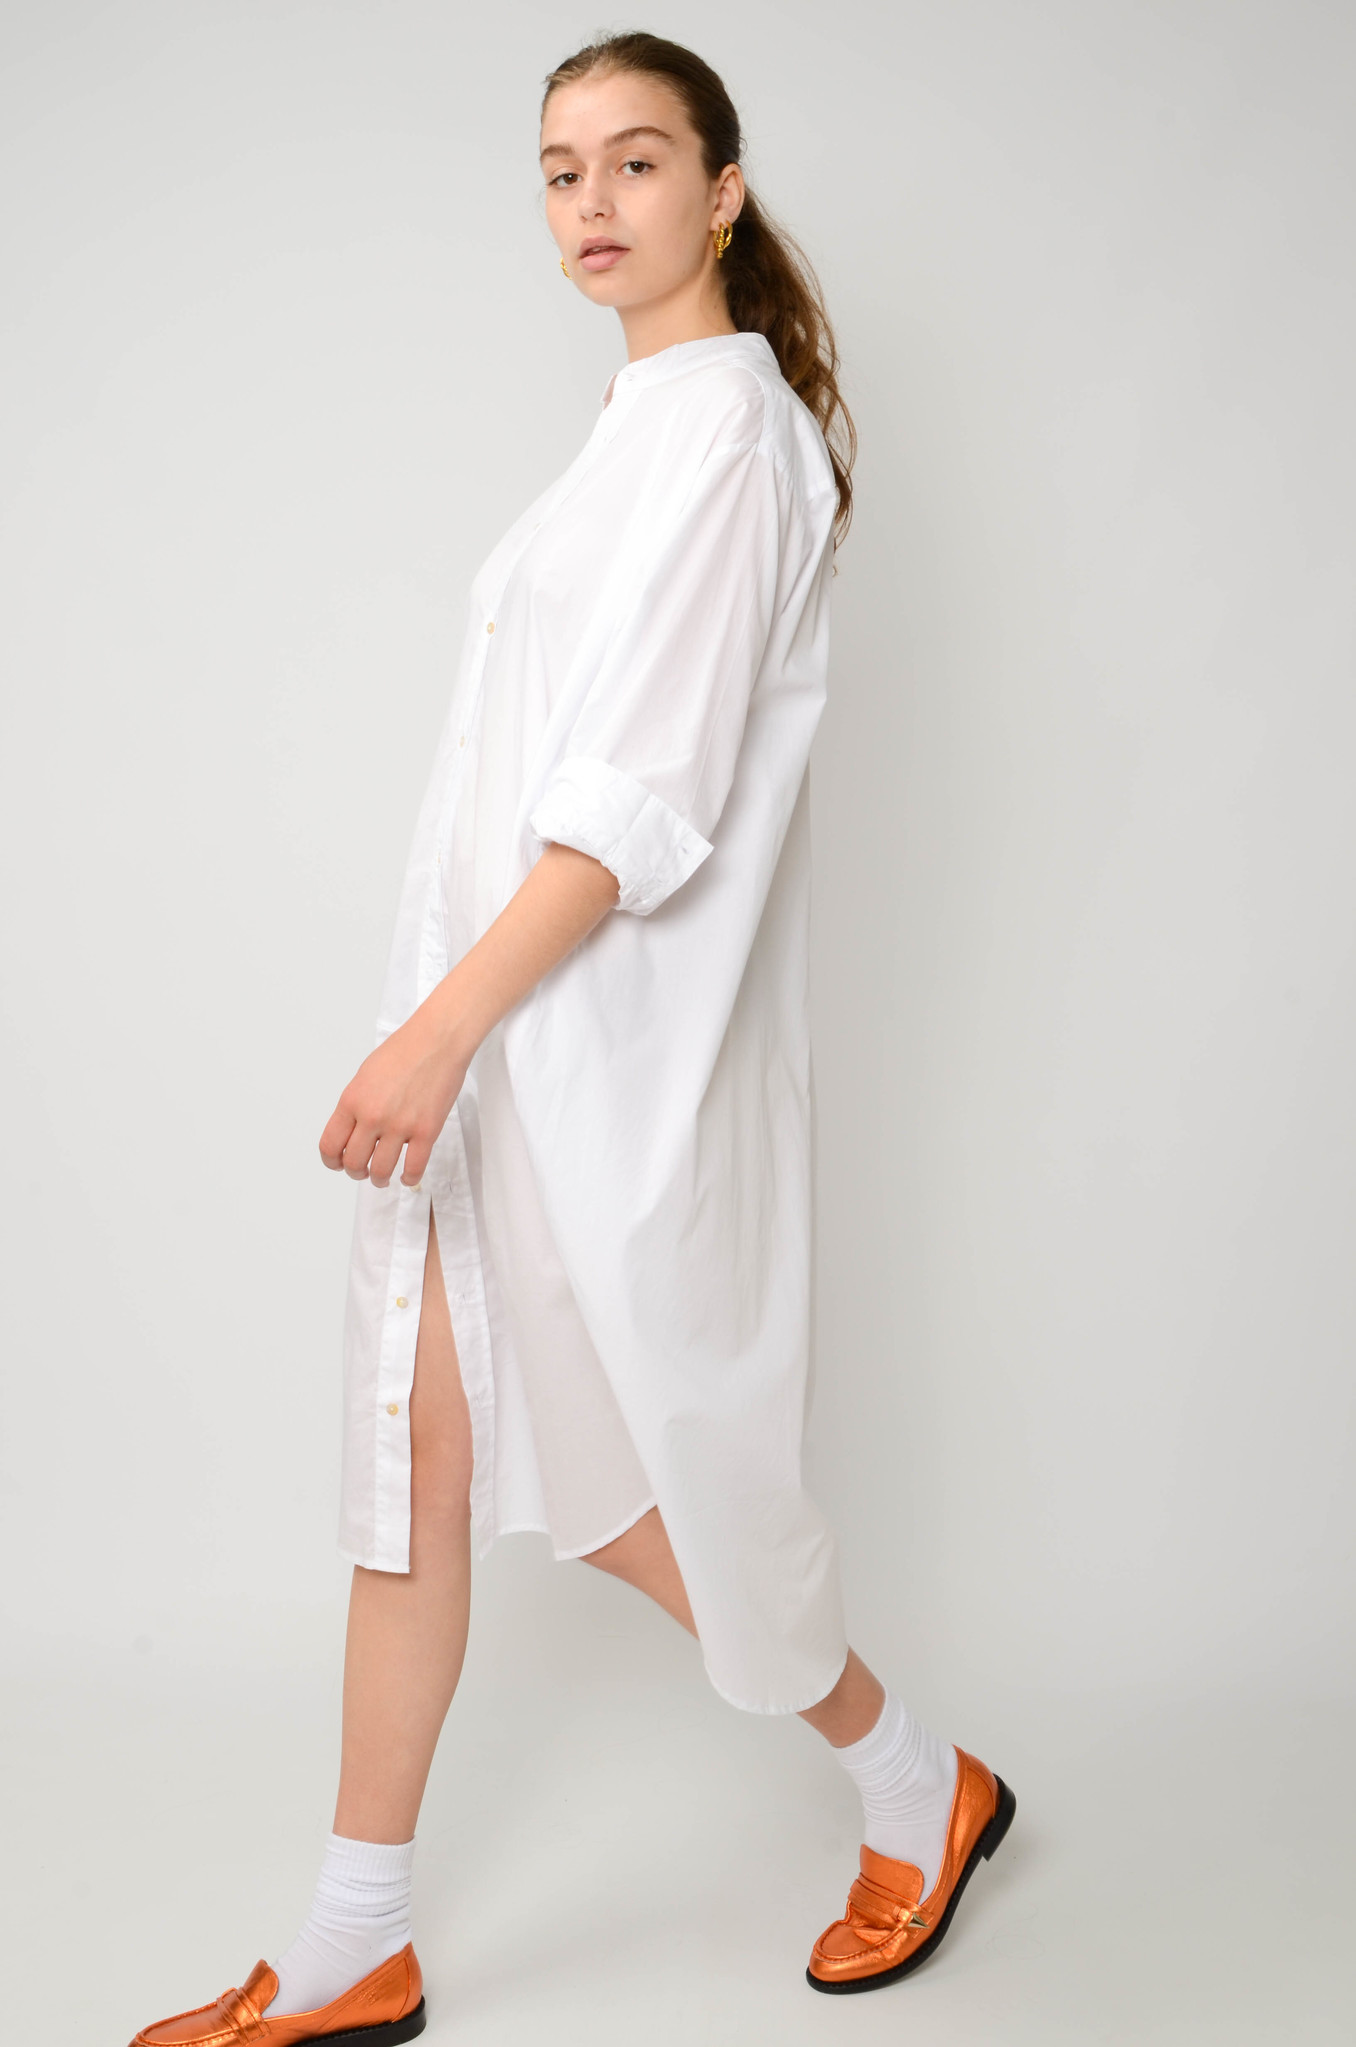 CAJSA SHIRT DRESS-2